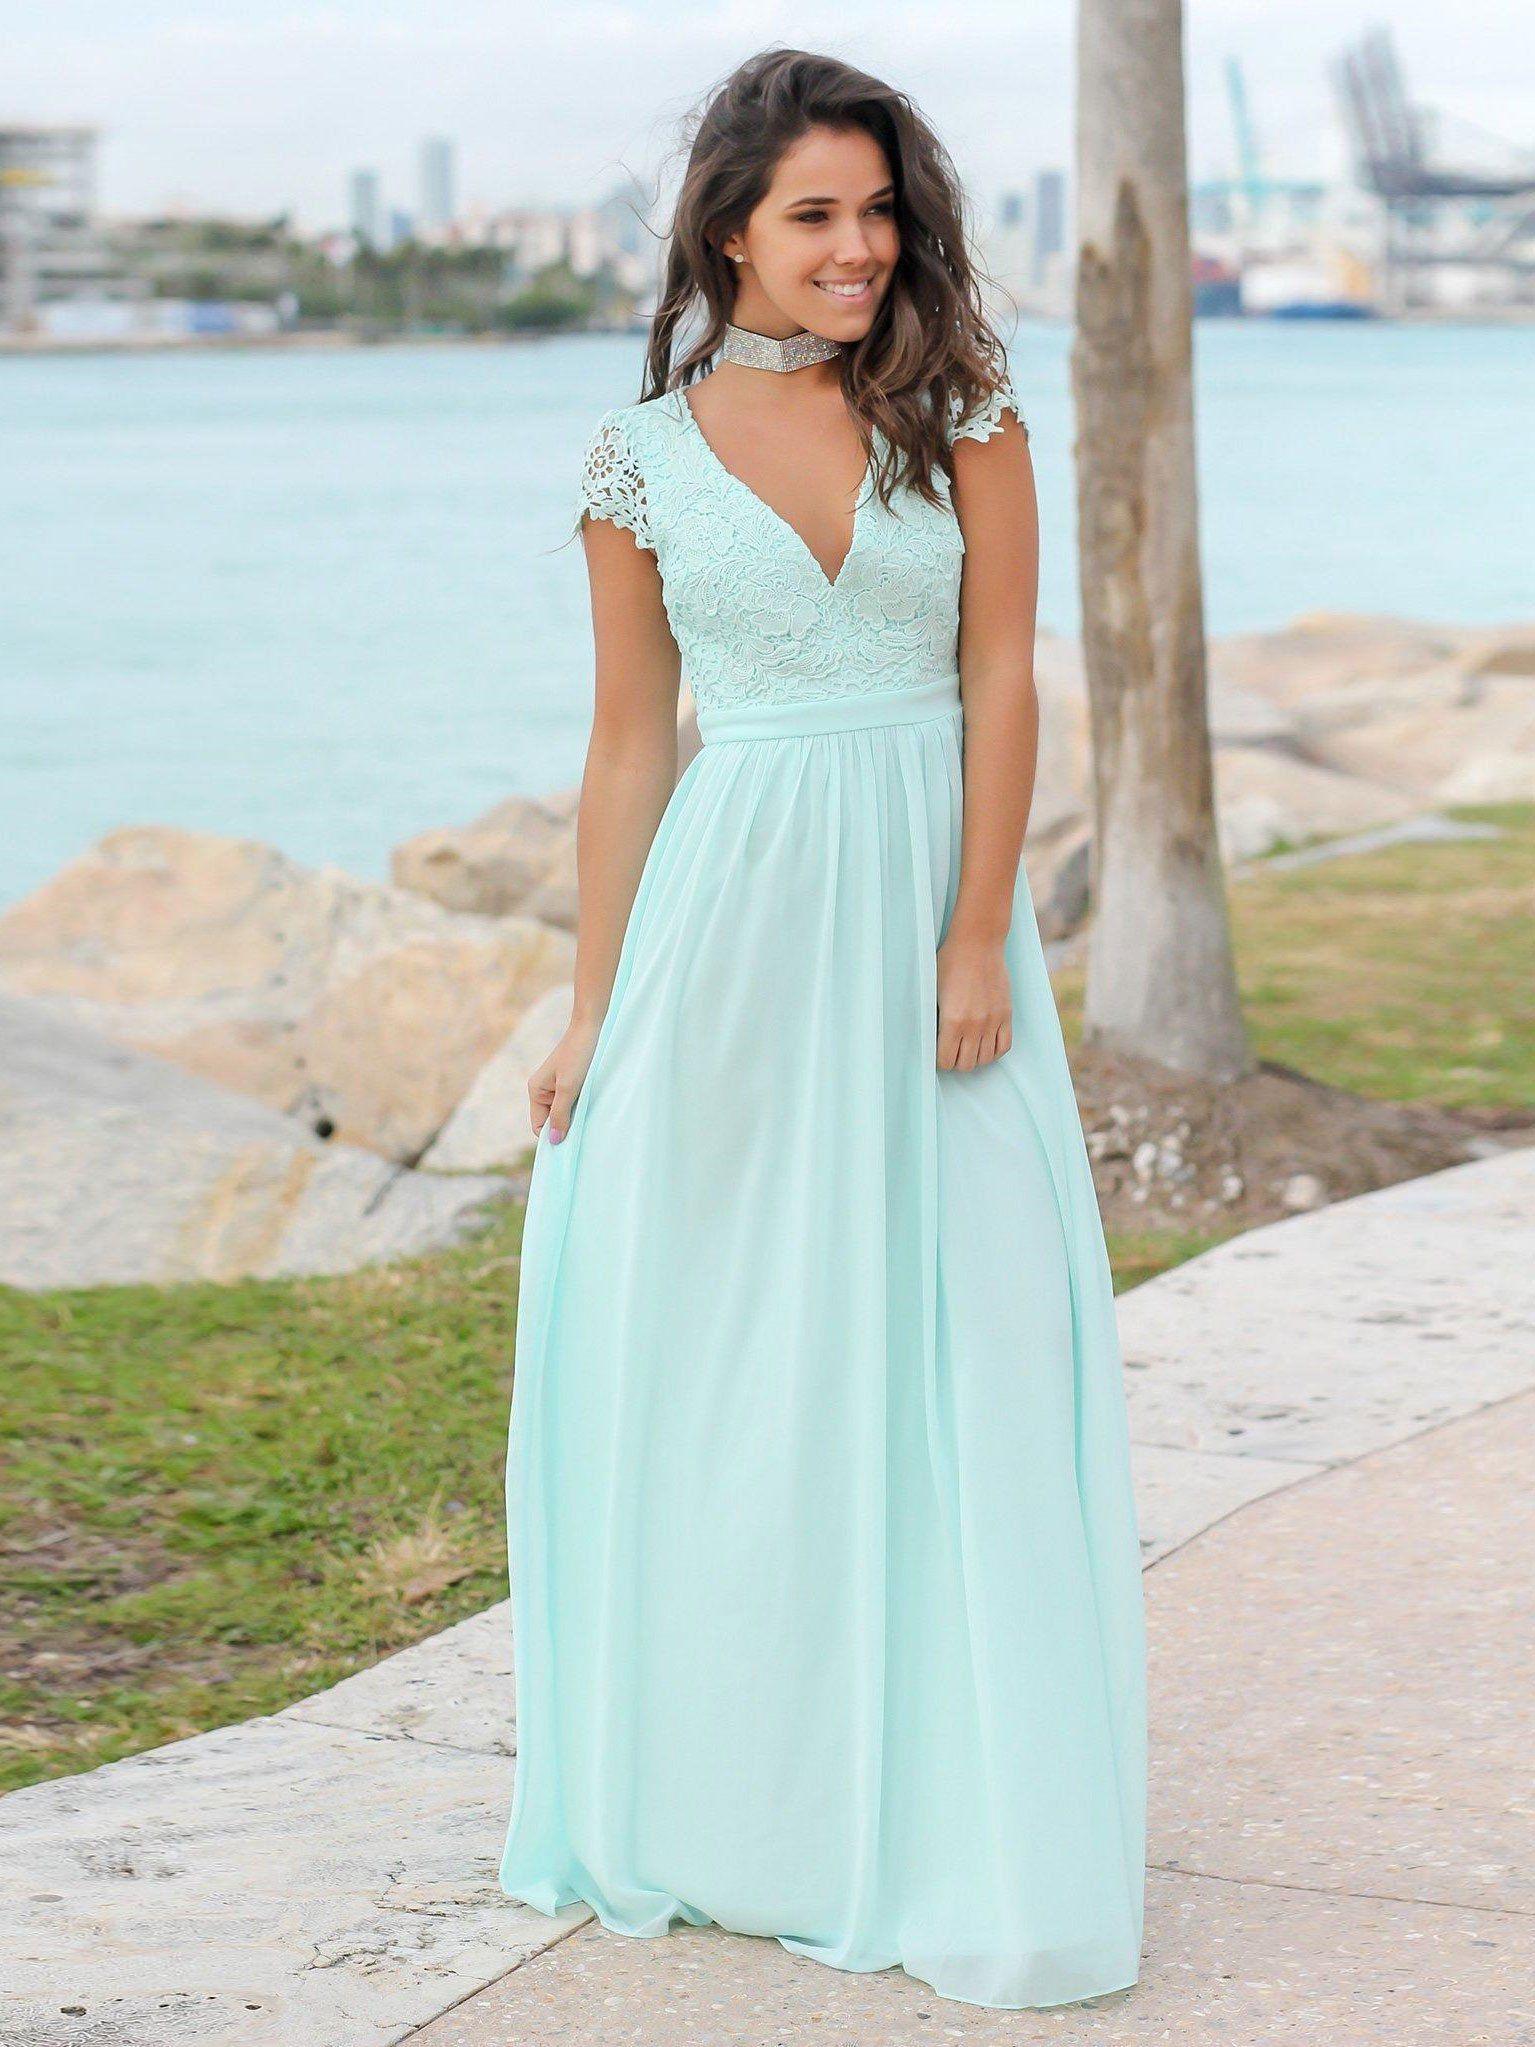 Light blue summer formal evening dresses v neck simple lace wedding